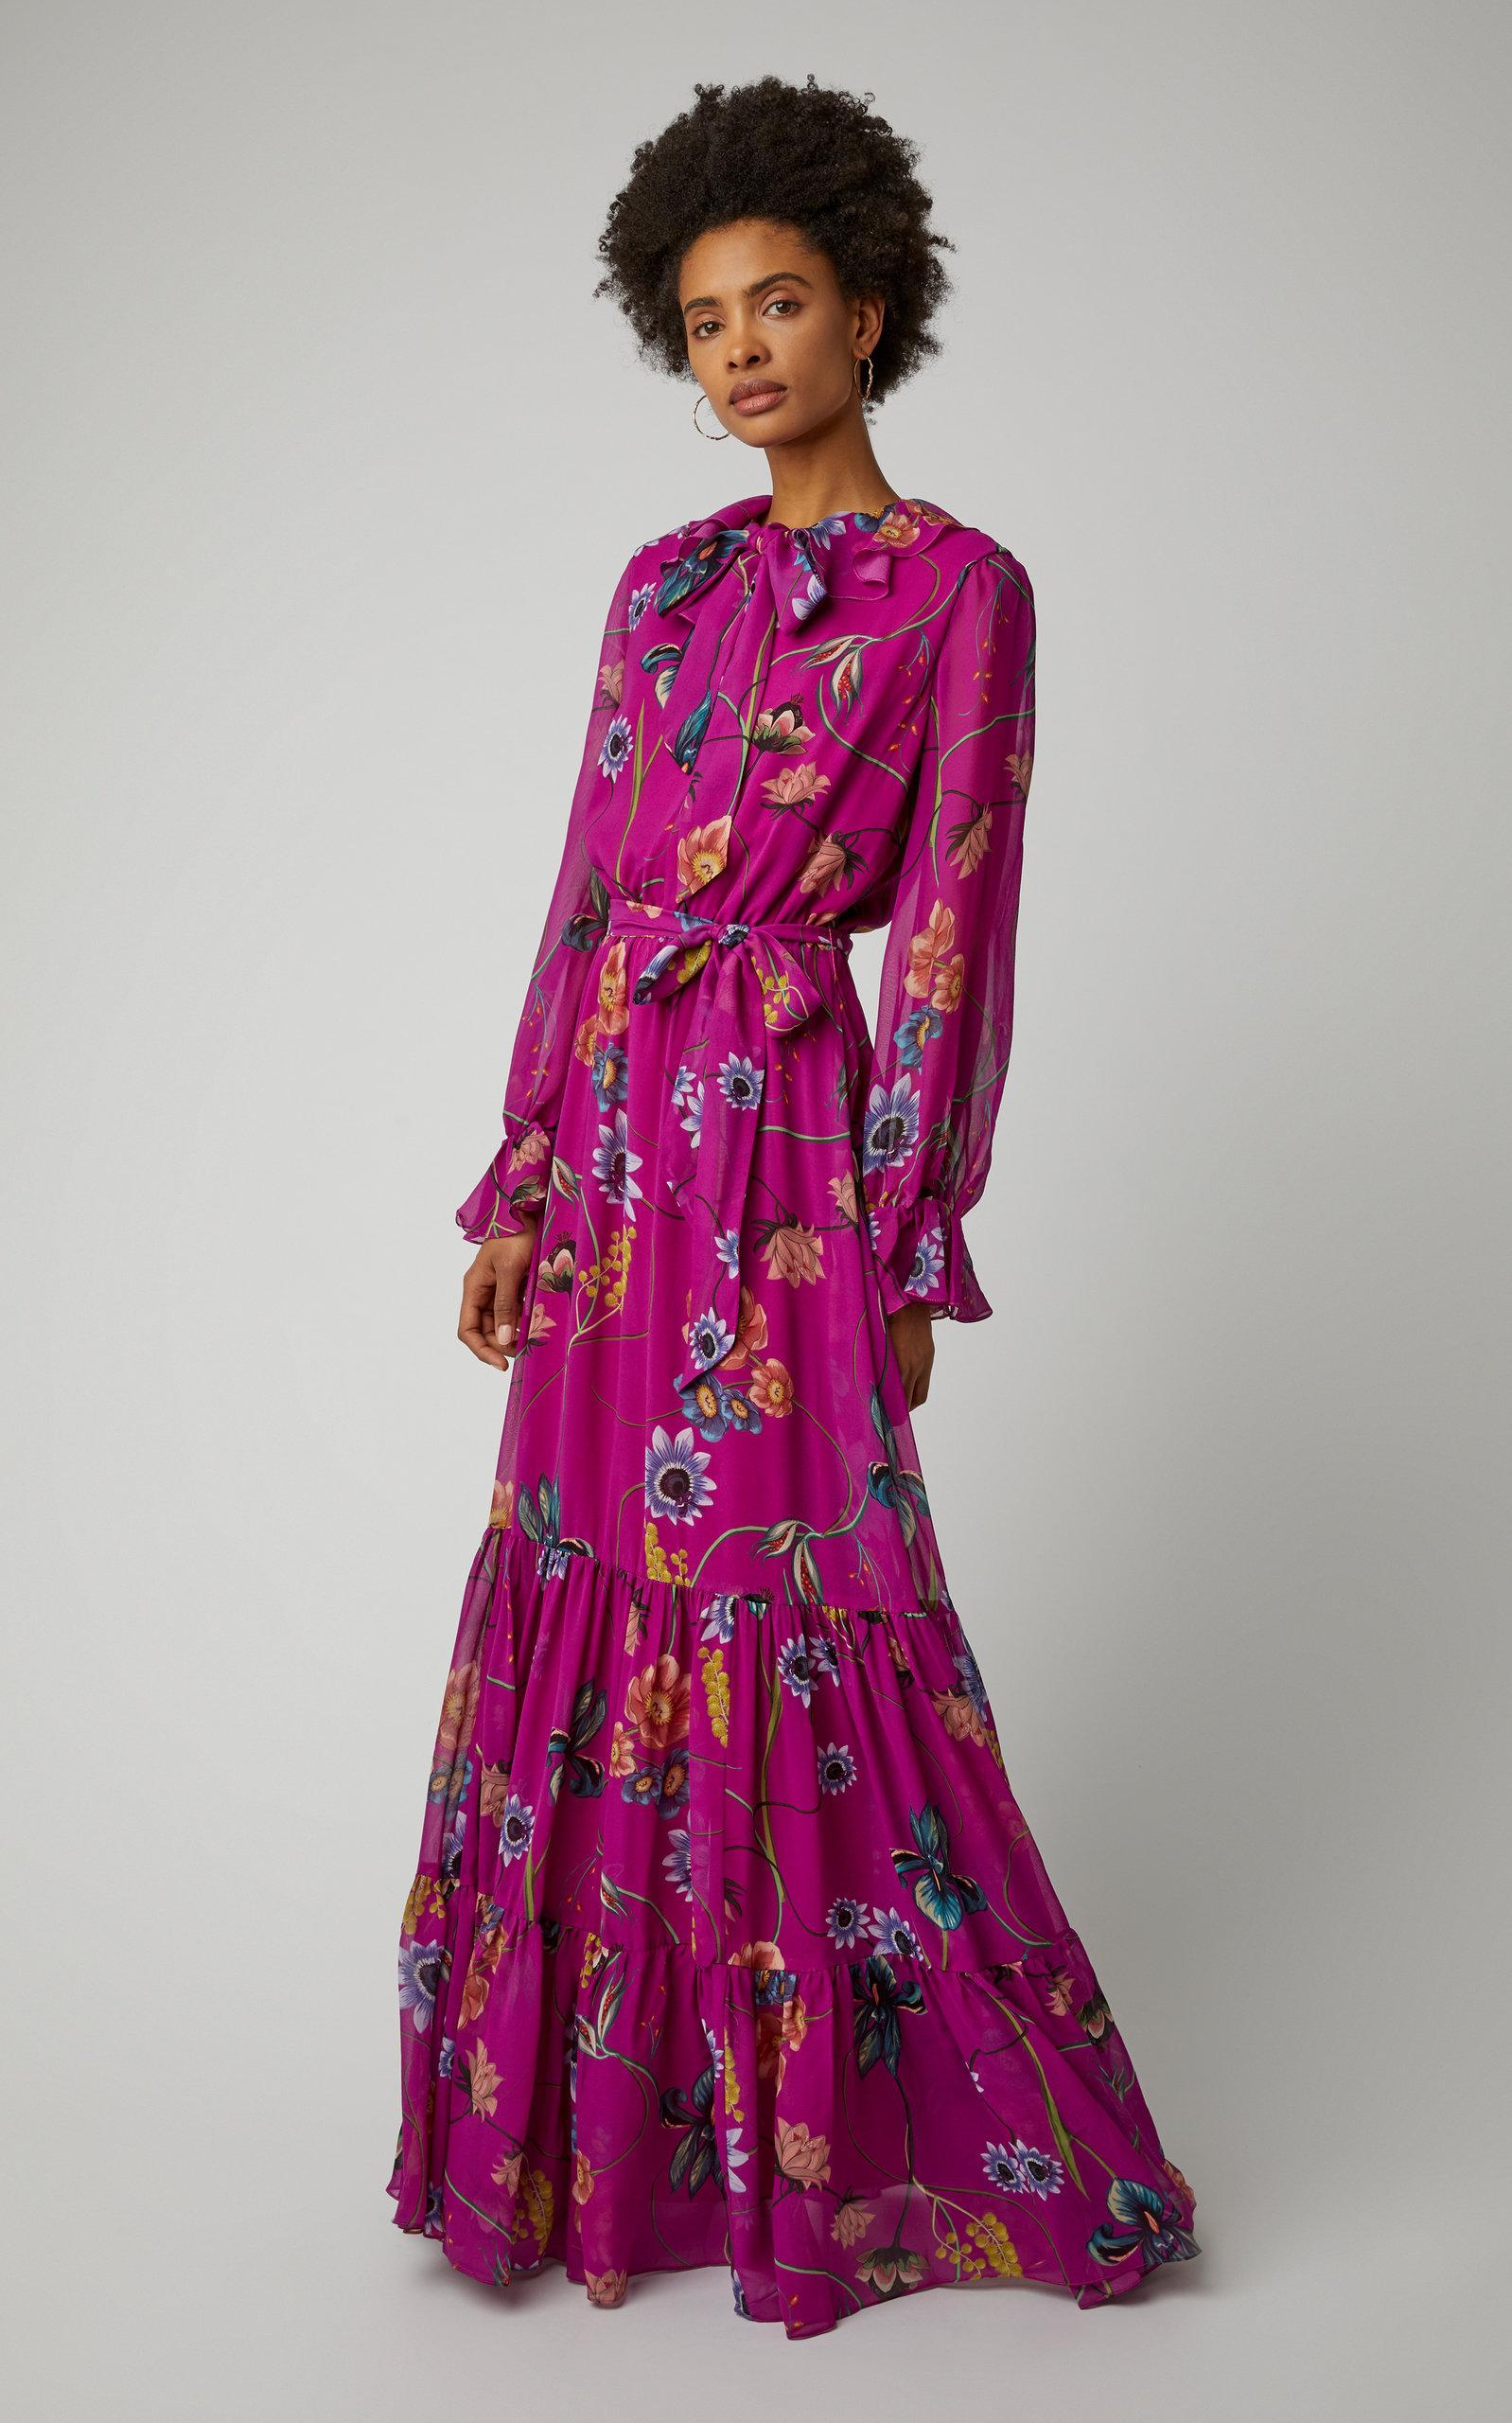 2c592c763633 Borgo De Nor - Multicolor Anna Silk-georgette Tiered Maxi Dress - Lyst.  View fullscreen